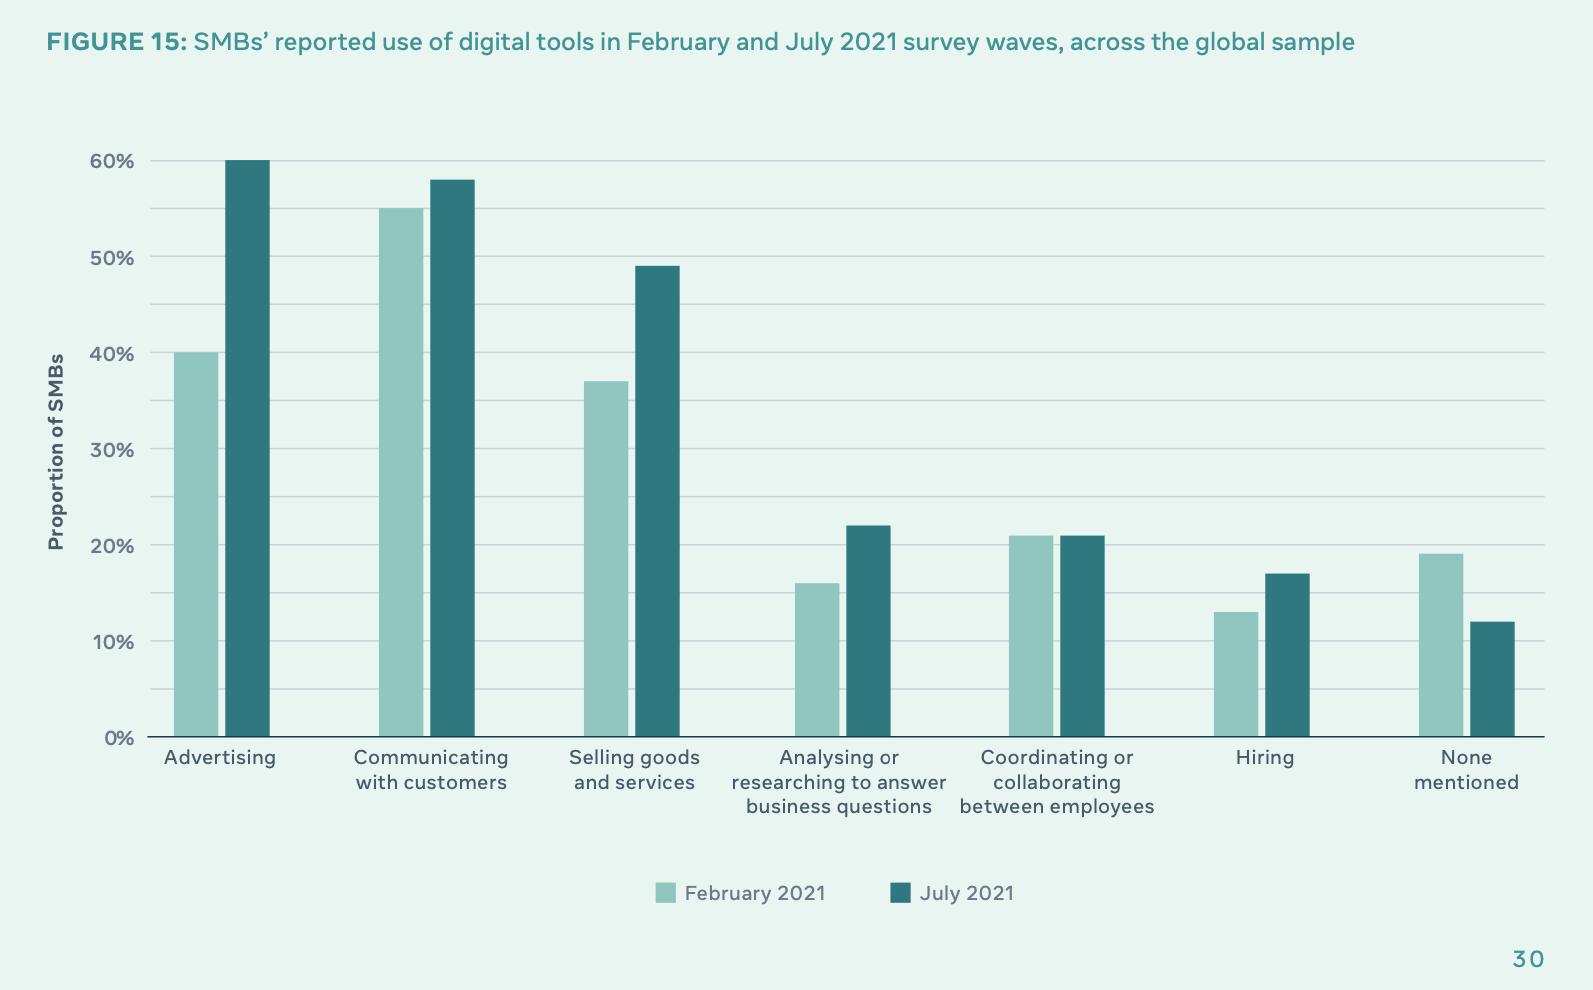 uso de herramientas digitales por parte de las pequeñas empresas en 2021